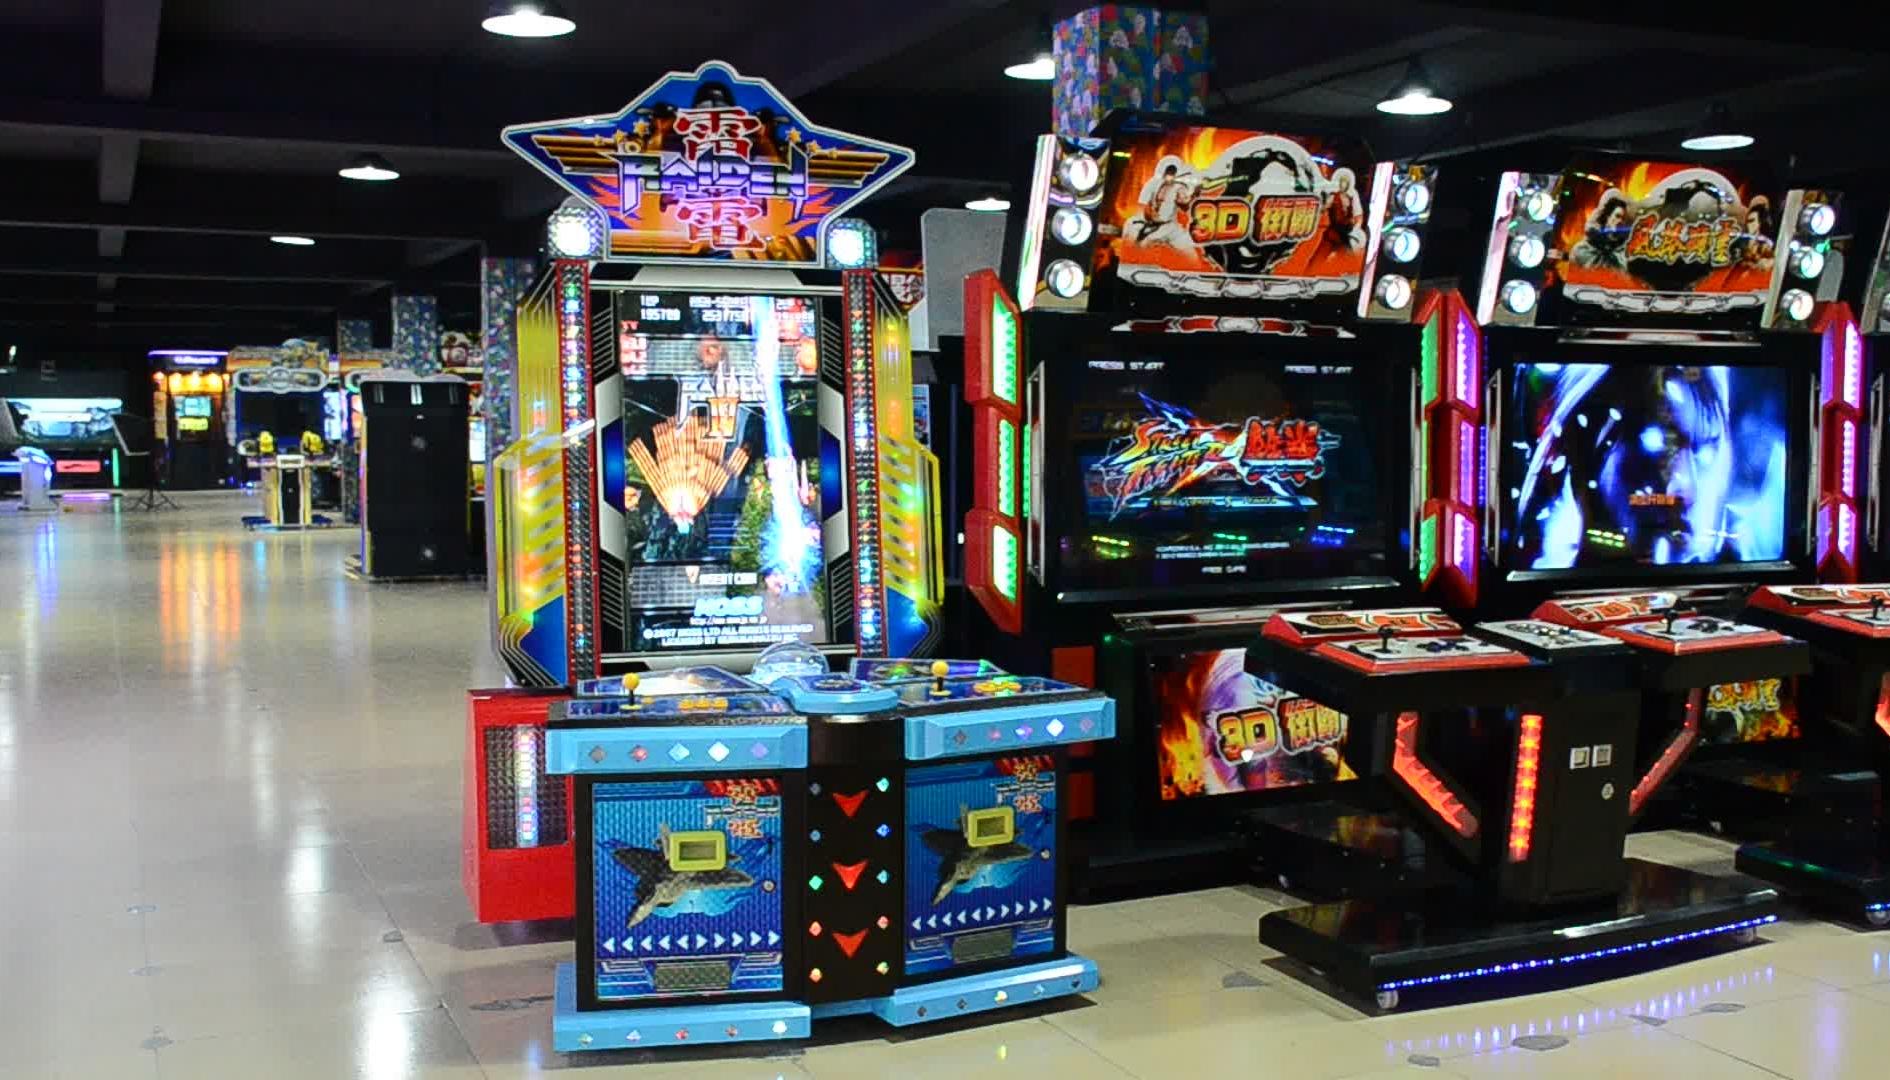 Il mercato videoludico in Giappone: dalle sale giochi al mobile